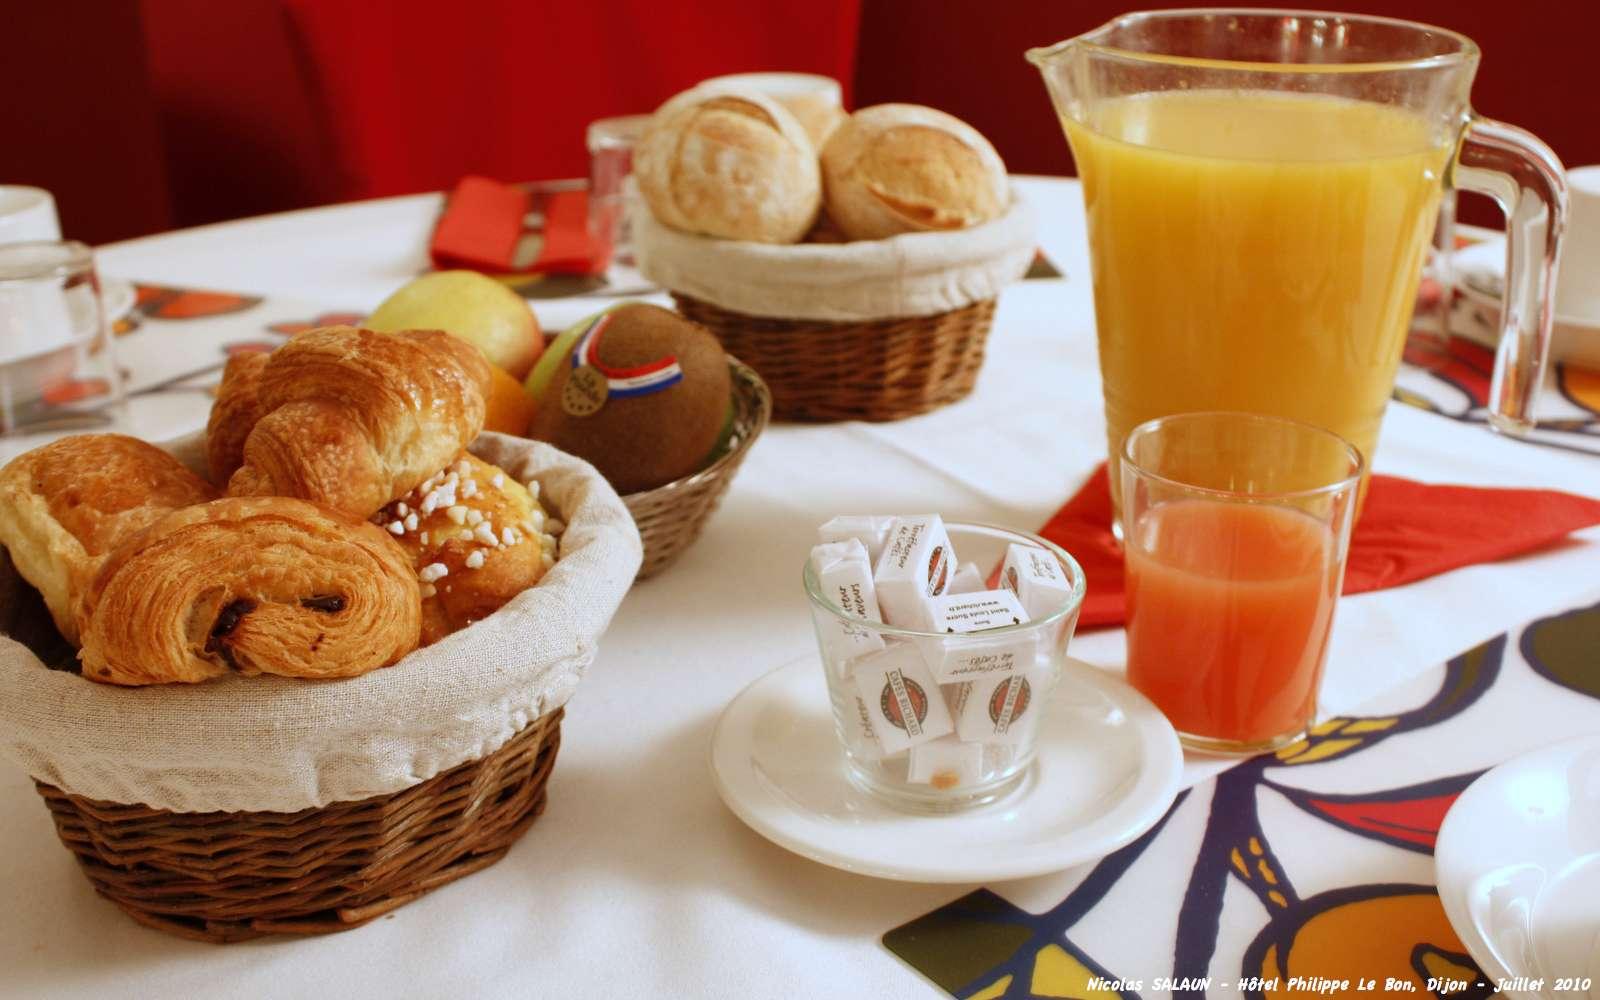 Le petit déjeuner est nécessaire pour donner des forces pour bien commencer la journée. © Nicolas SAL 1, Flickr, cc by nc nd 2.0